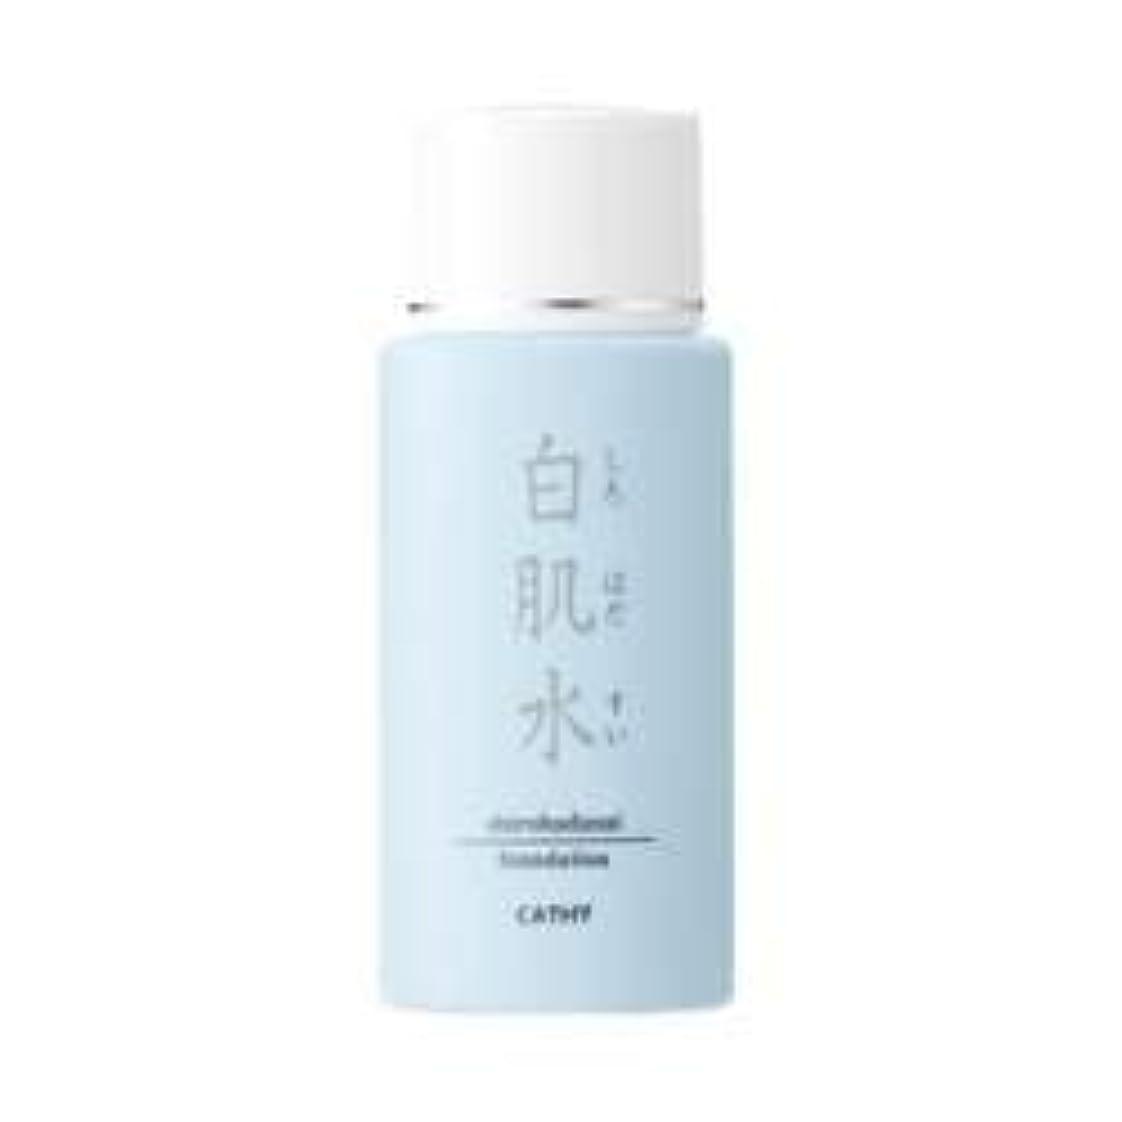 差多用途ご飯カシー 白肌水(55ml)